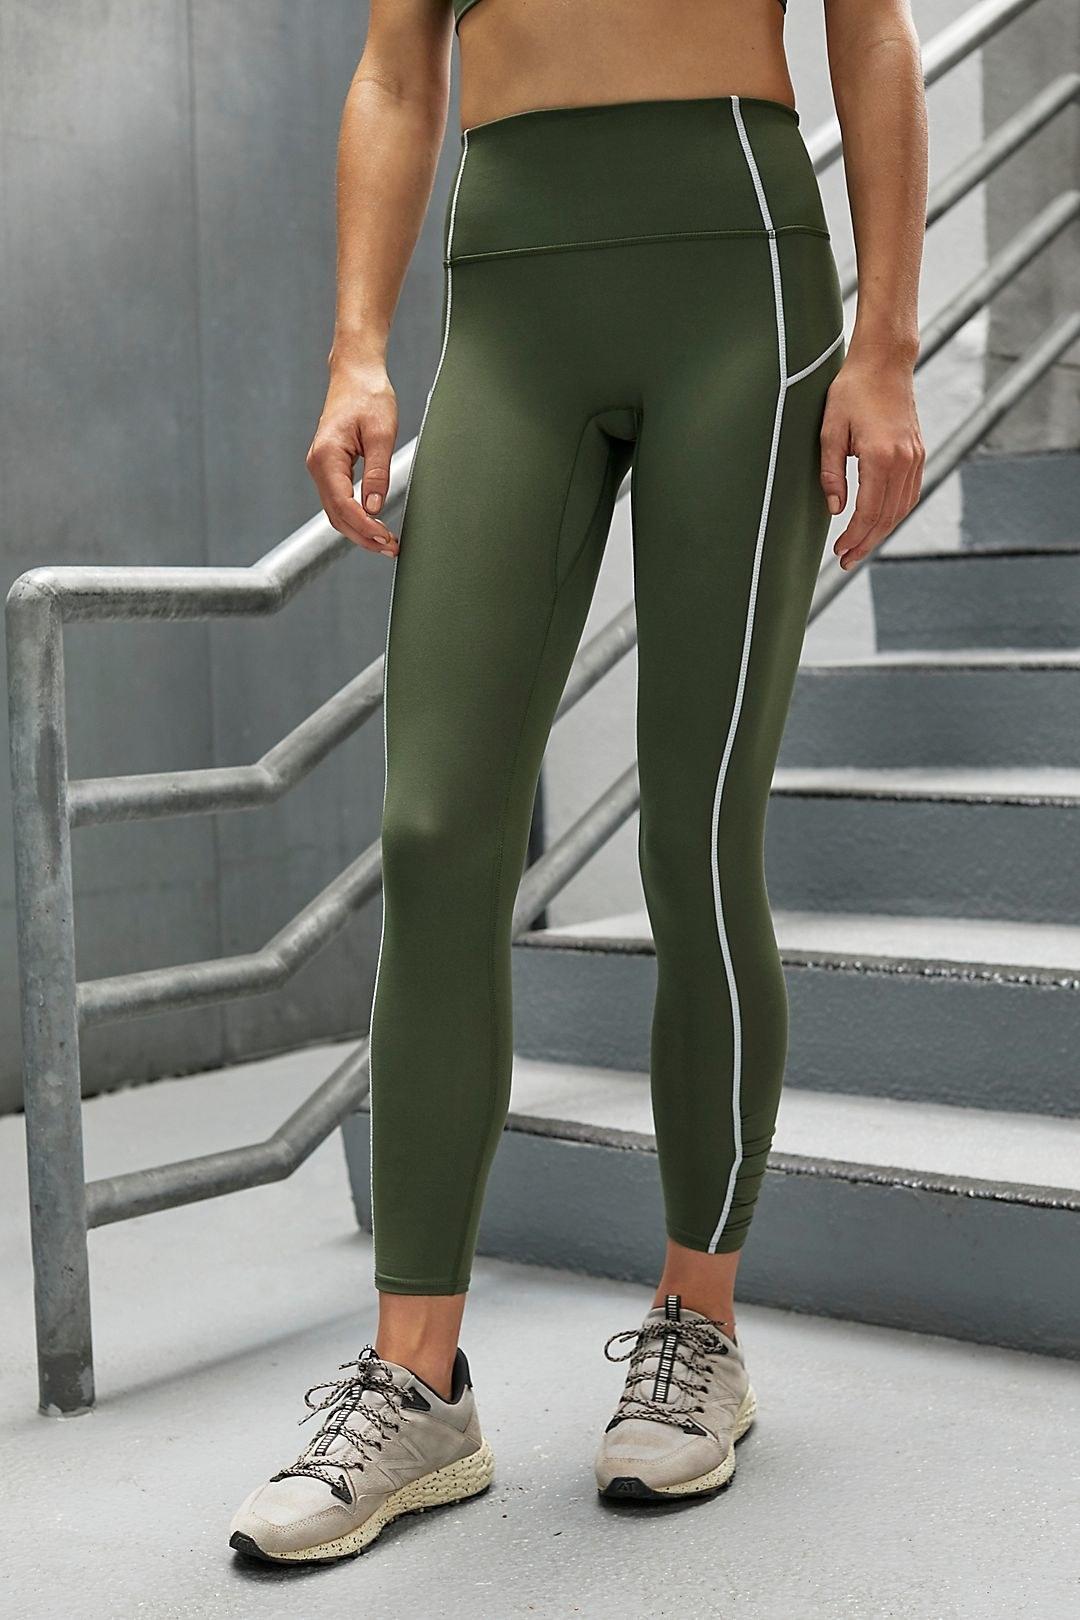 model wearing green leggings